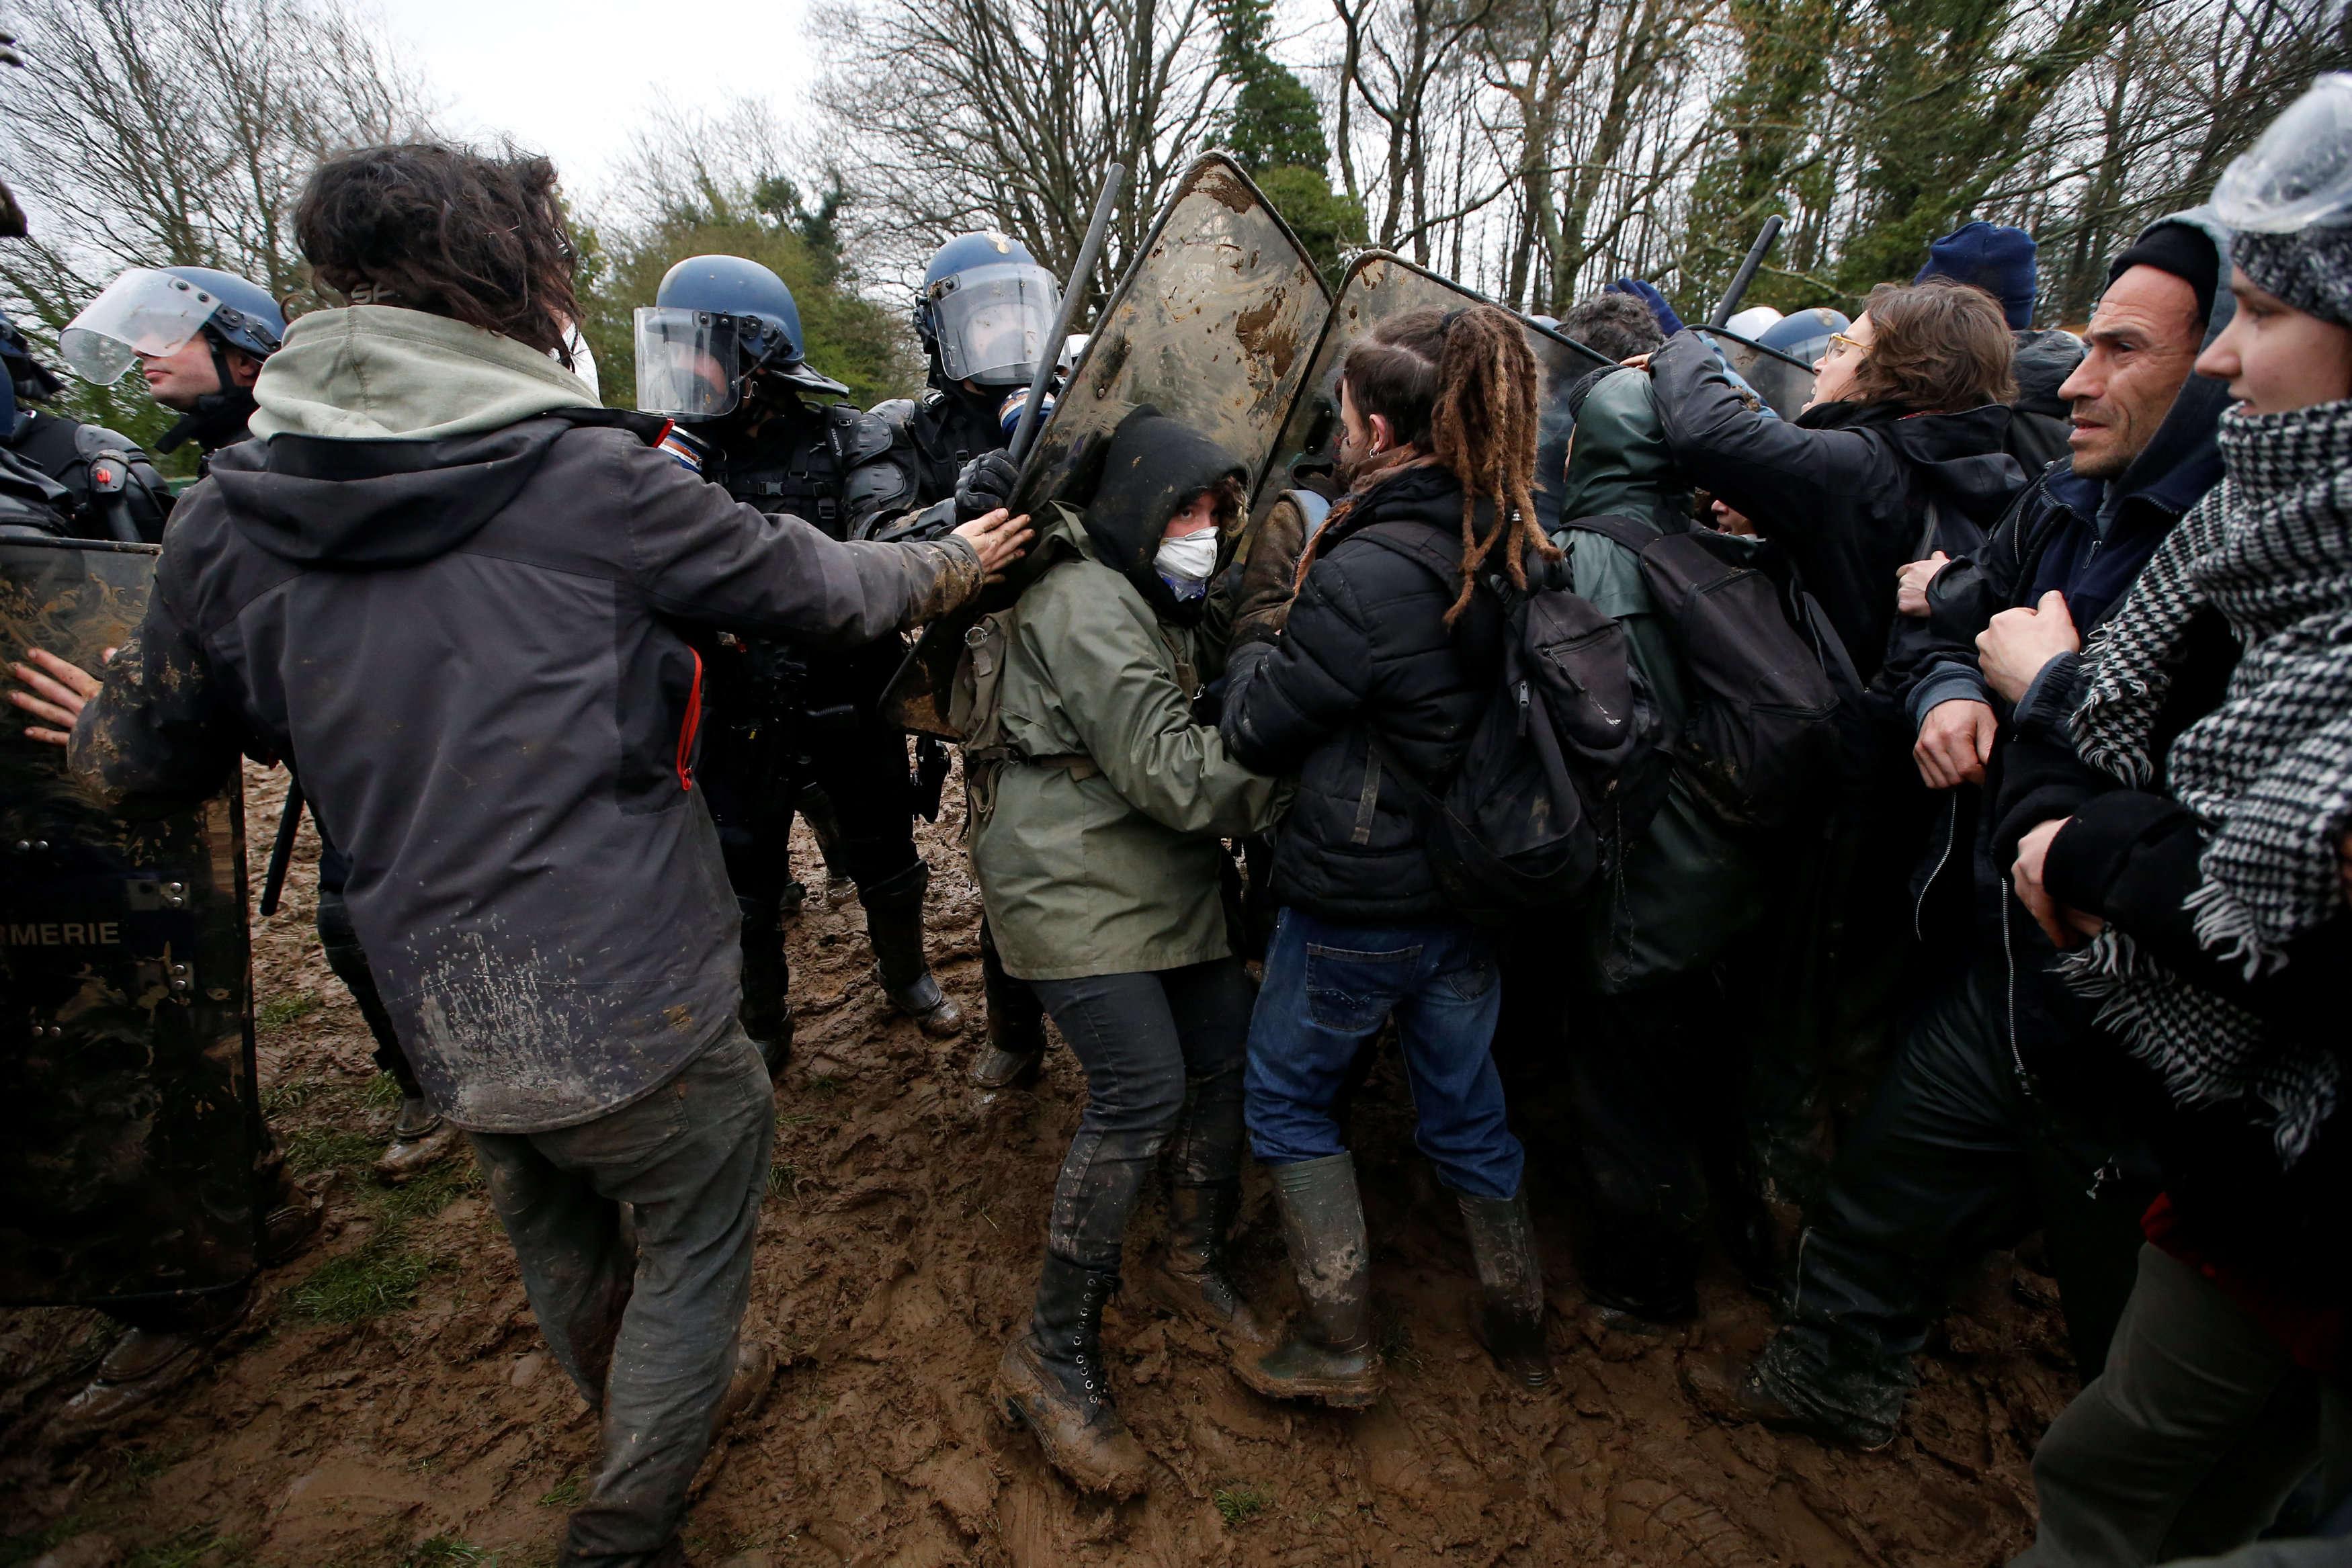 Tout au long de la journée, des face-à-face tendus ont éclaté entre gendarmes et zadistes.